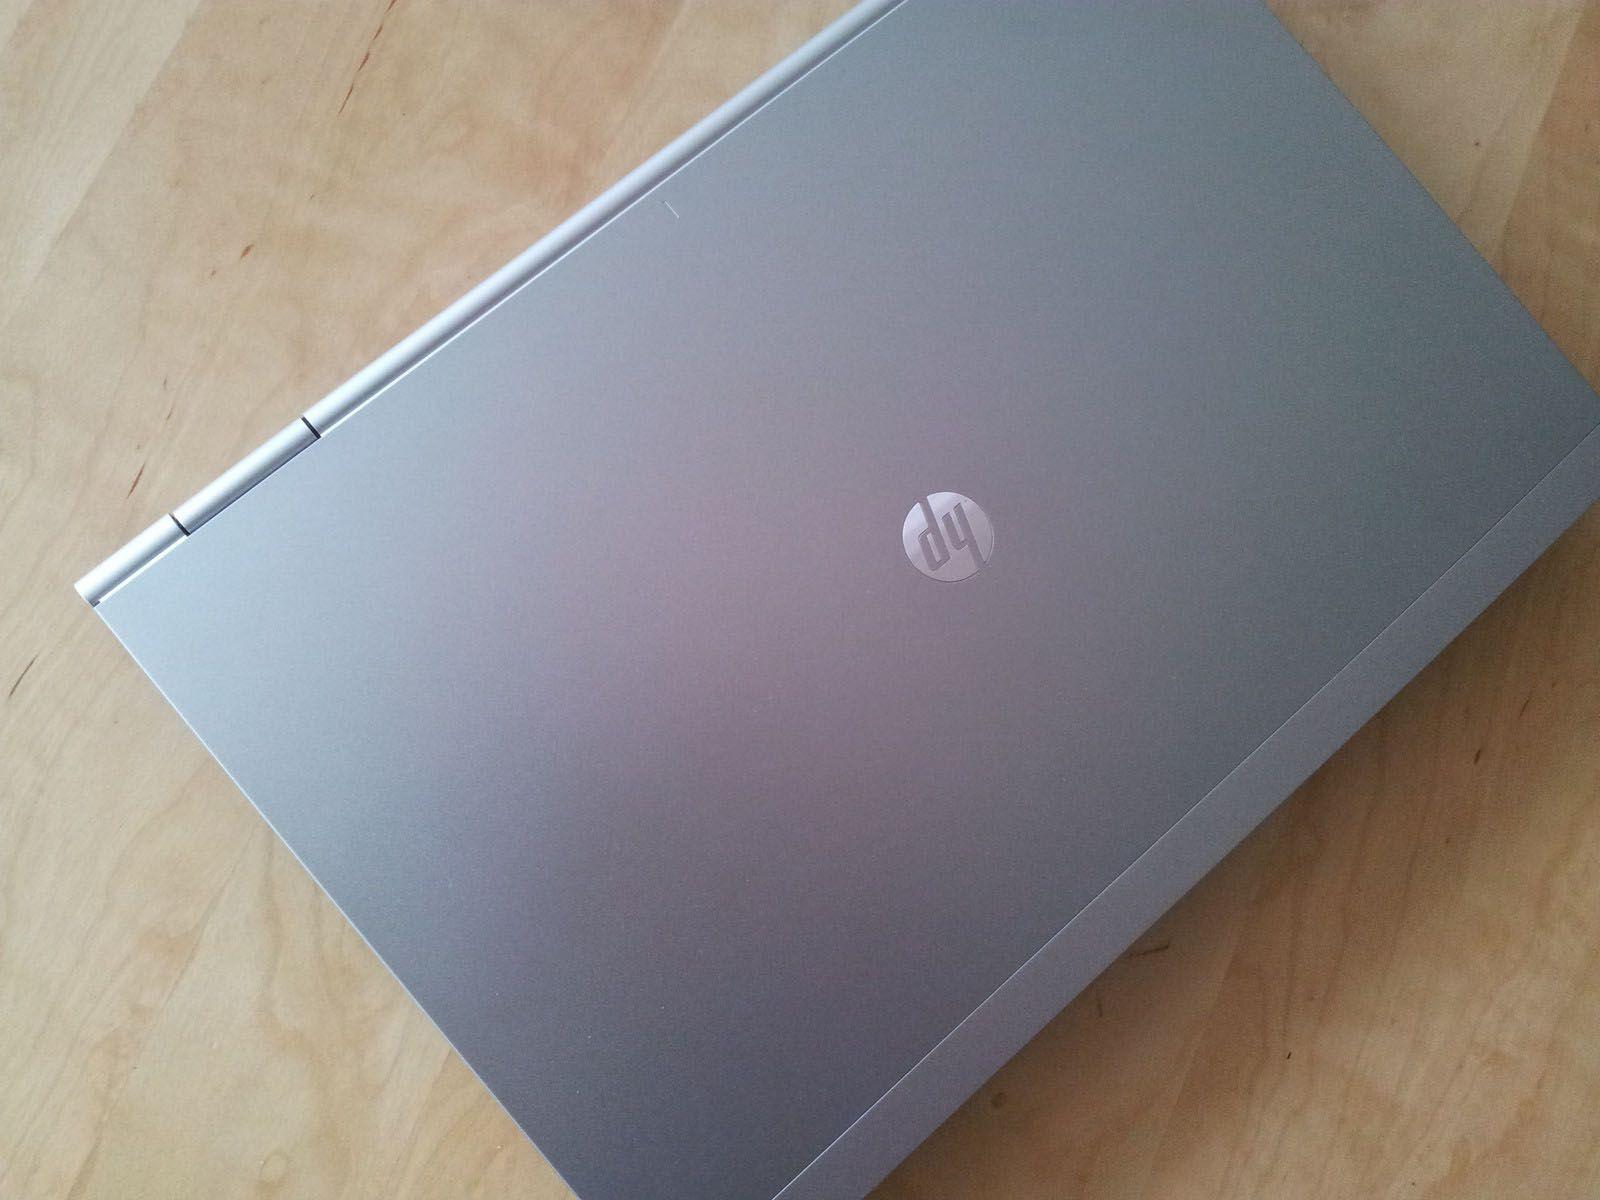 Hp Elitebook 8470p Core I5 3360m Ram 4gb Hdd 500gb Amd 1gb توب 10 Hp Elitebook Hdd Ram